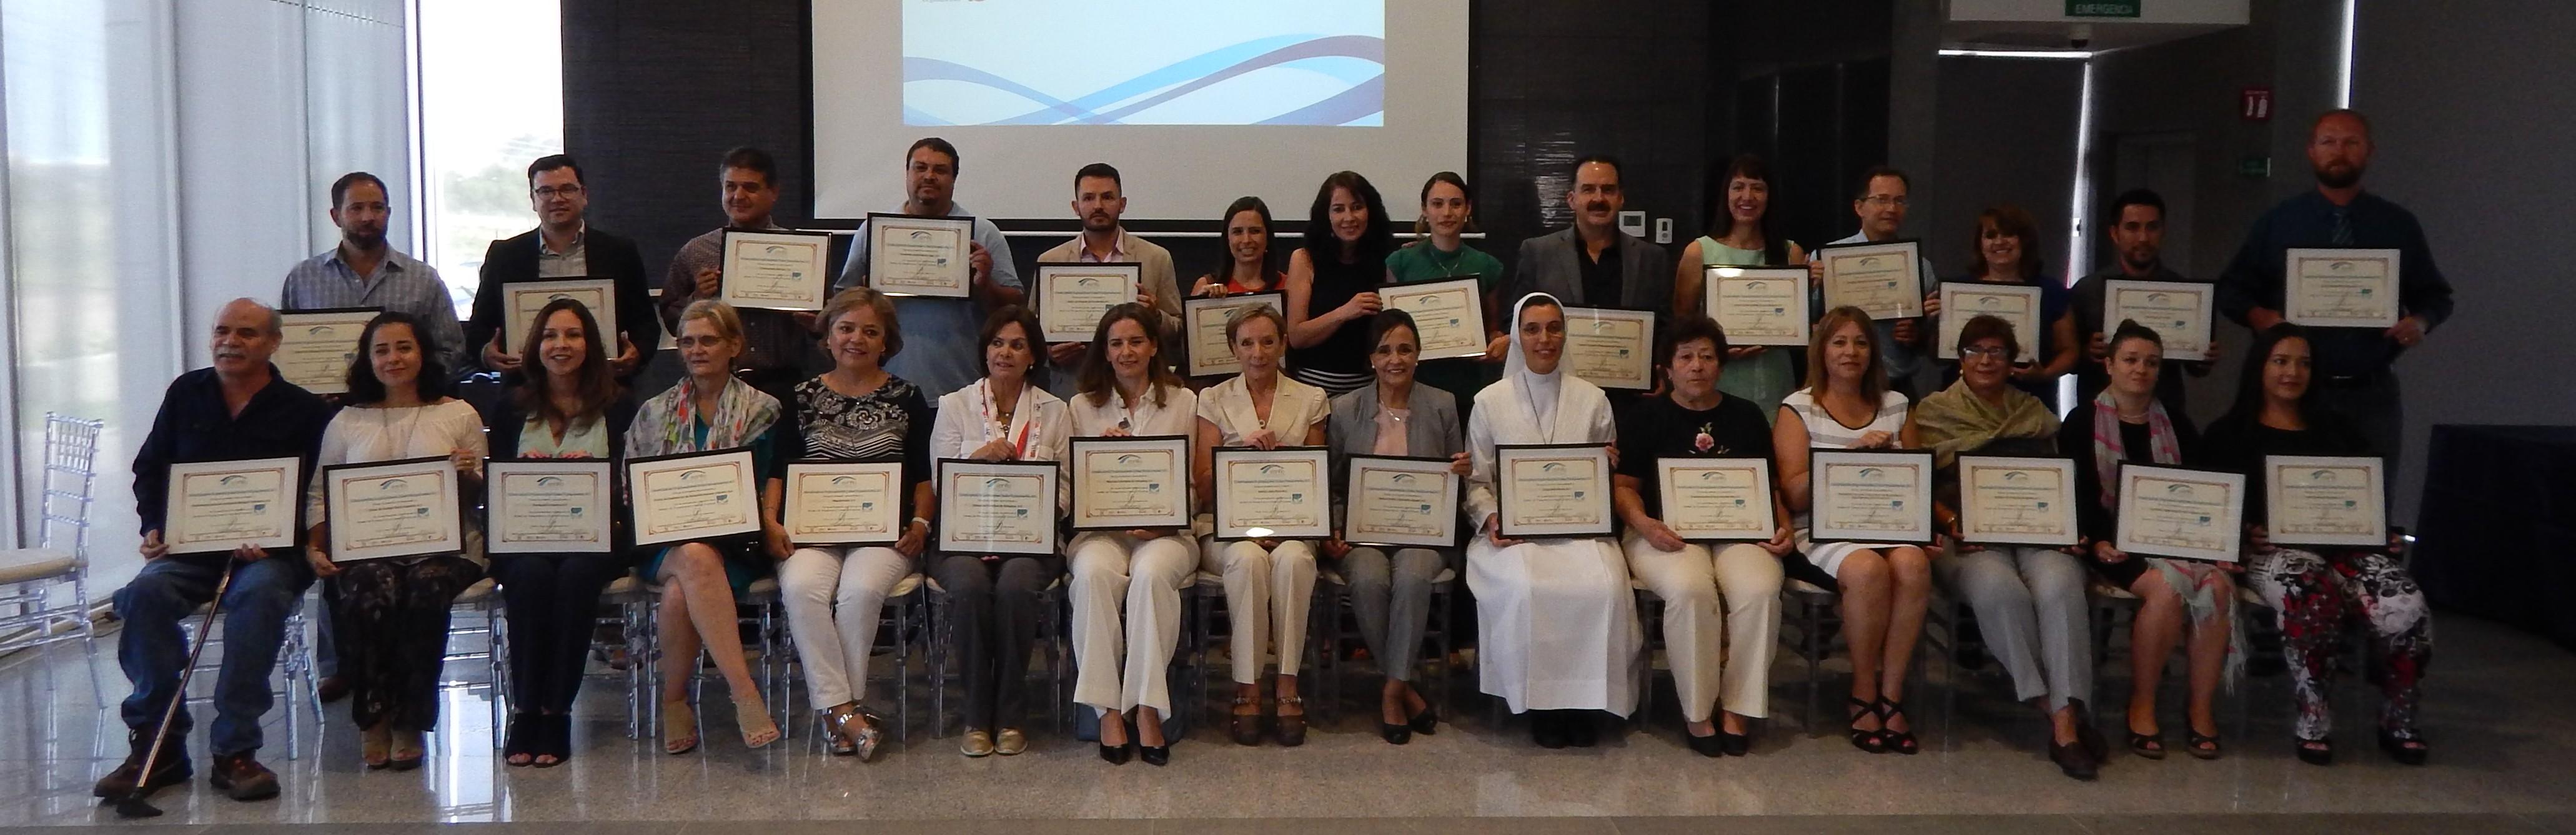 Confío, A.C. reconoce a 30 organizaciones del estado por su participación en el Modelo de Transparencia y Buenas Prácticas